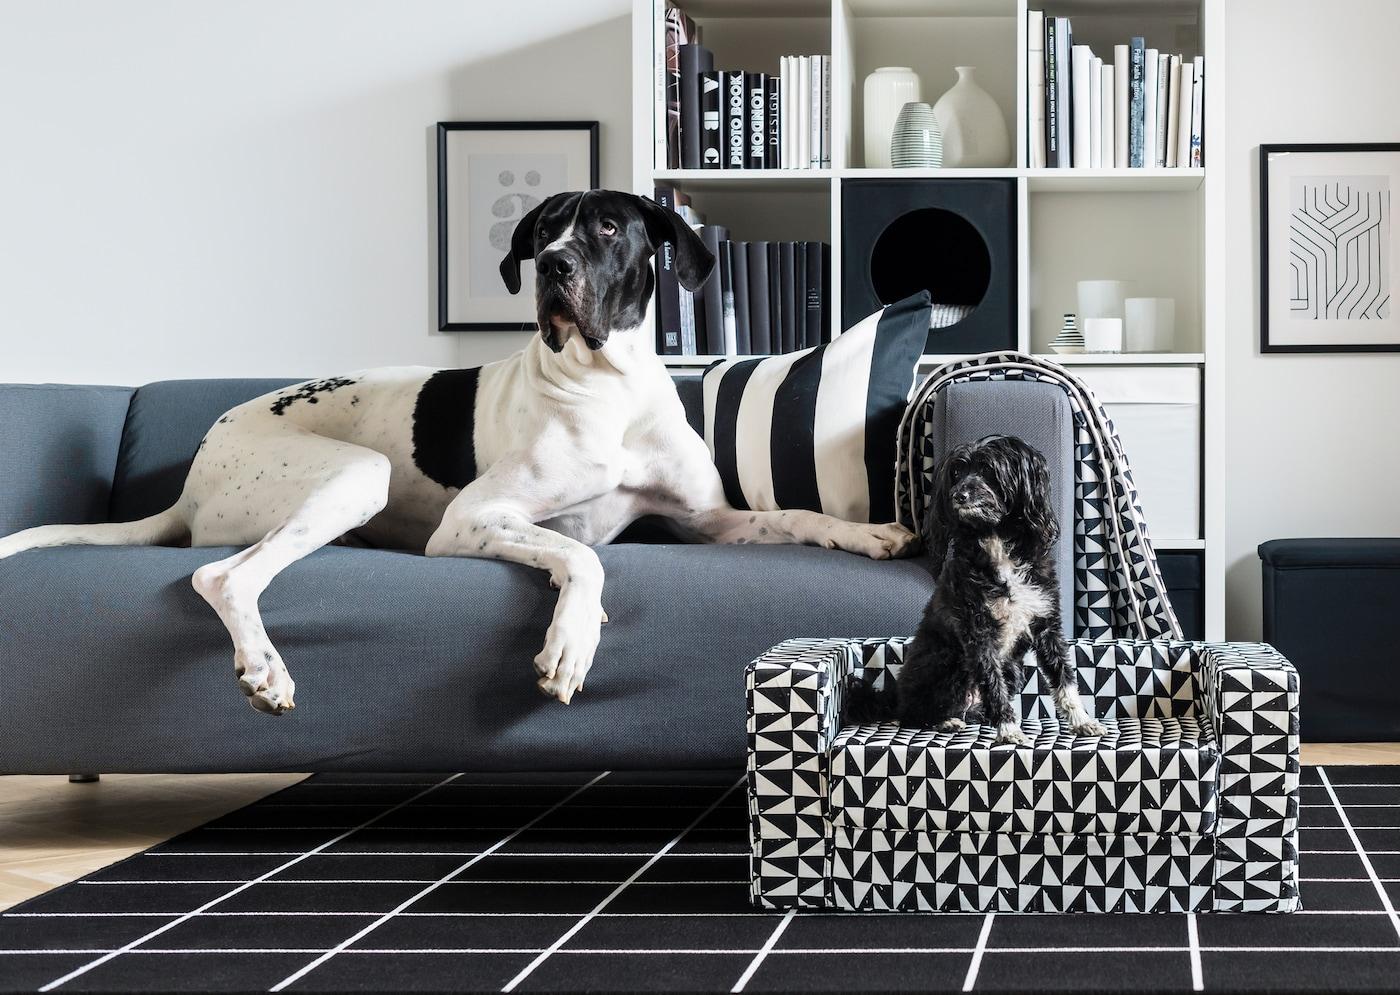 In einem Wohnzimmer liegt eine grosse Deutsche Dogge auf einem KLIPPAN Sofa, daneben sitzt ein kleiner schwarzer Hund auf einem LURVIG Hundebett.